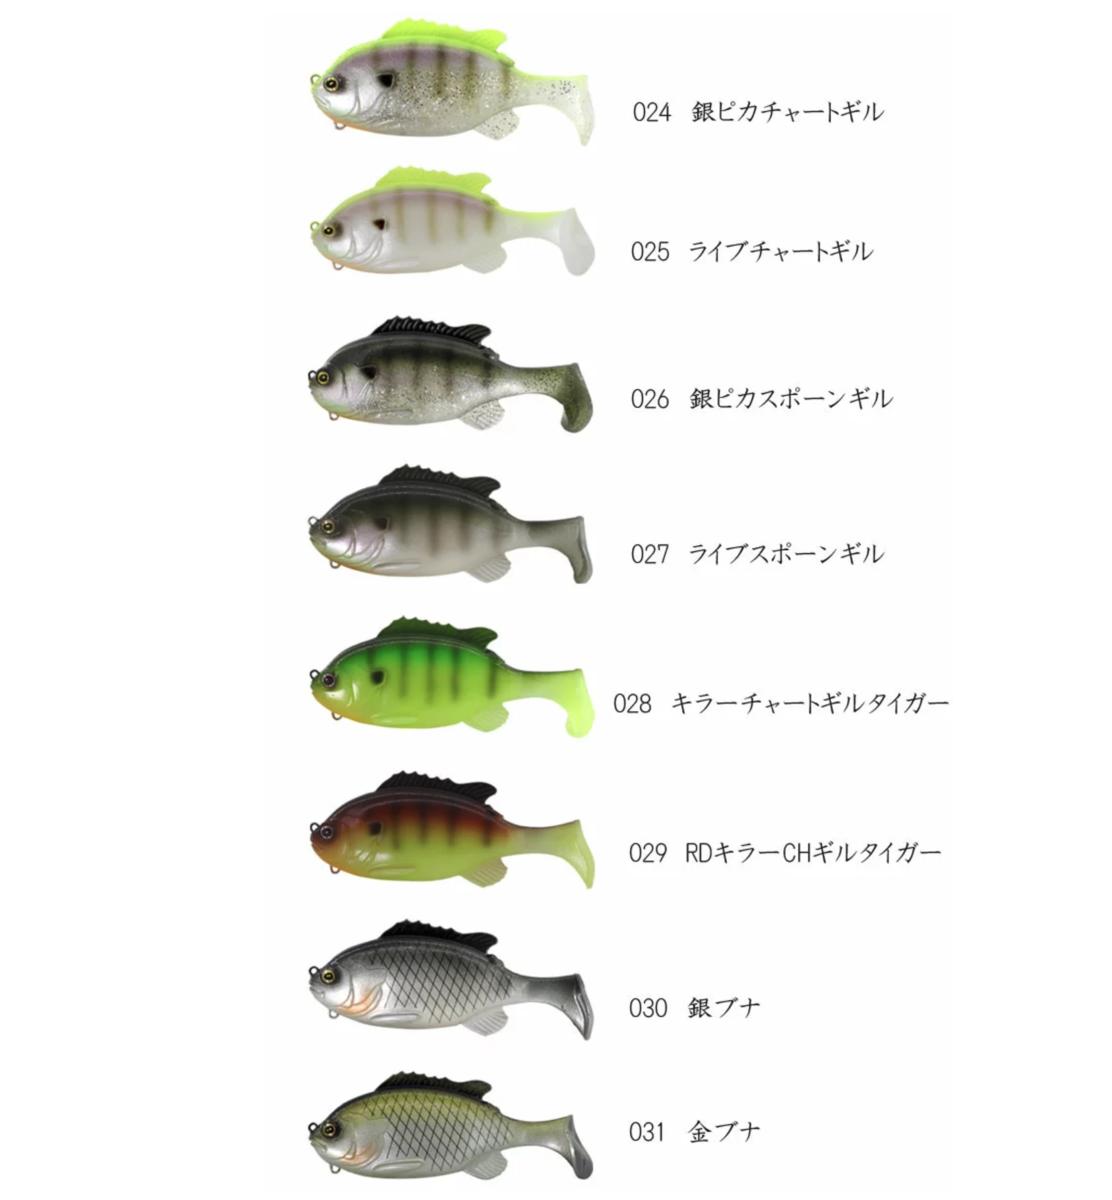 f:id:basssoku:20210704054701p:plain